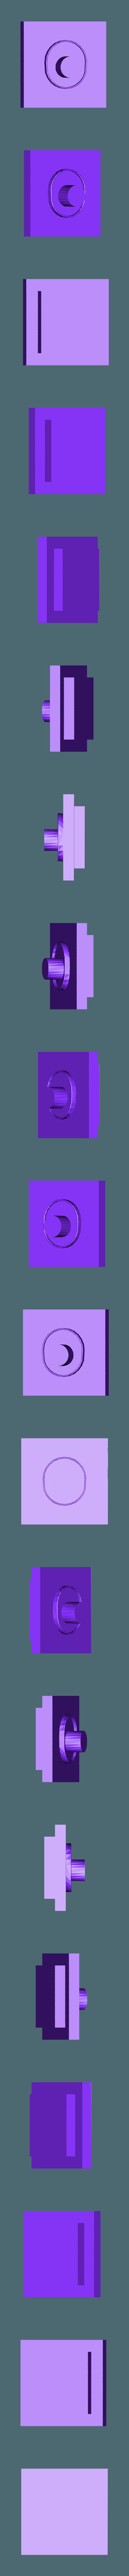 MM_Dispenser_Lid.stl Télécharger fichier STL gratuit Marco le distributeur M&M • Plan pour imprimante 3D, Liszt